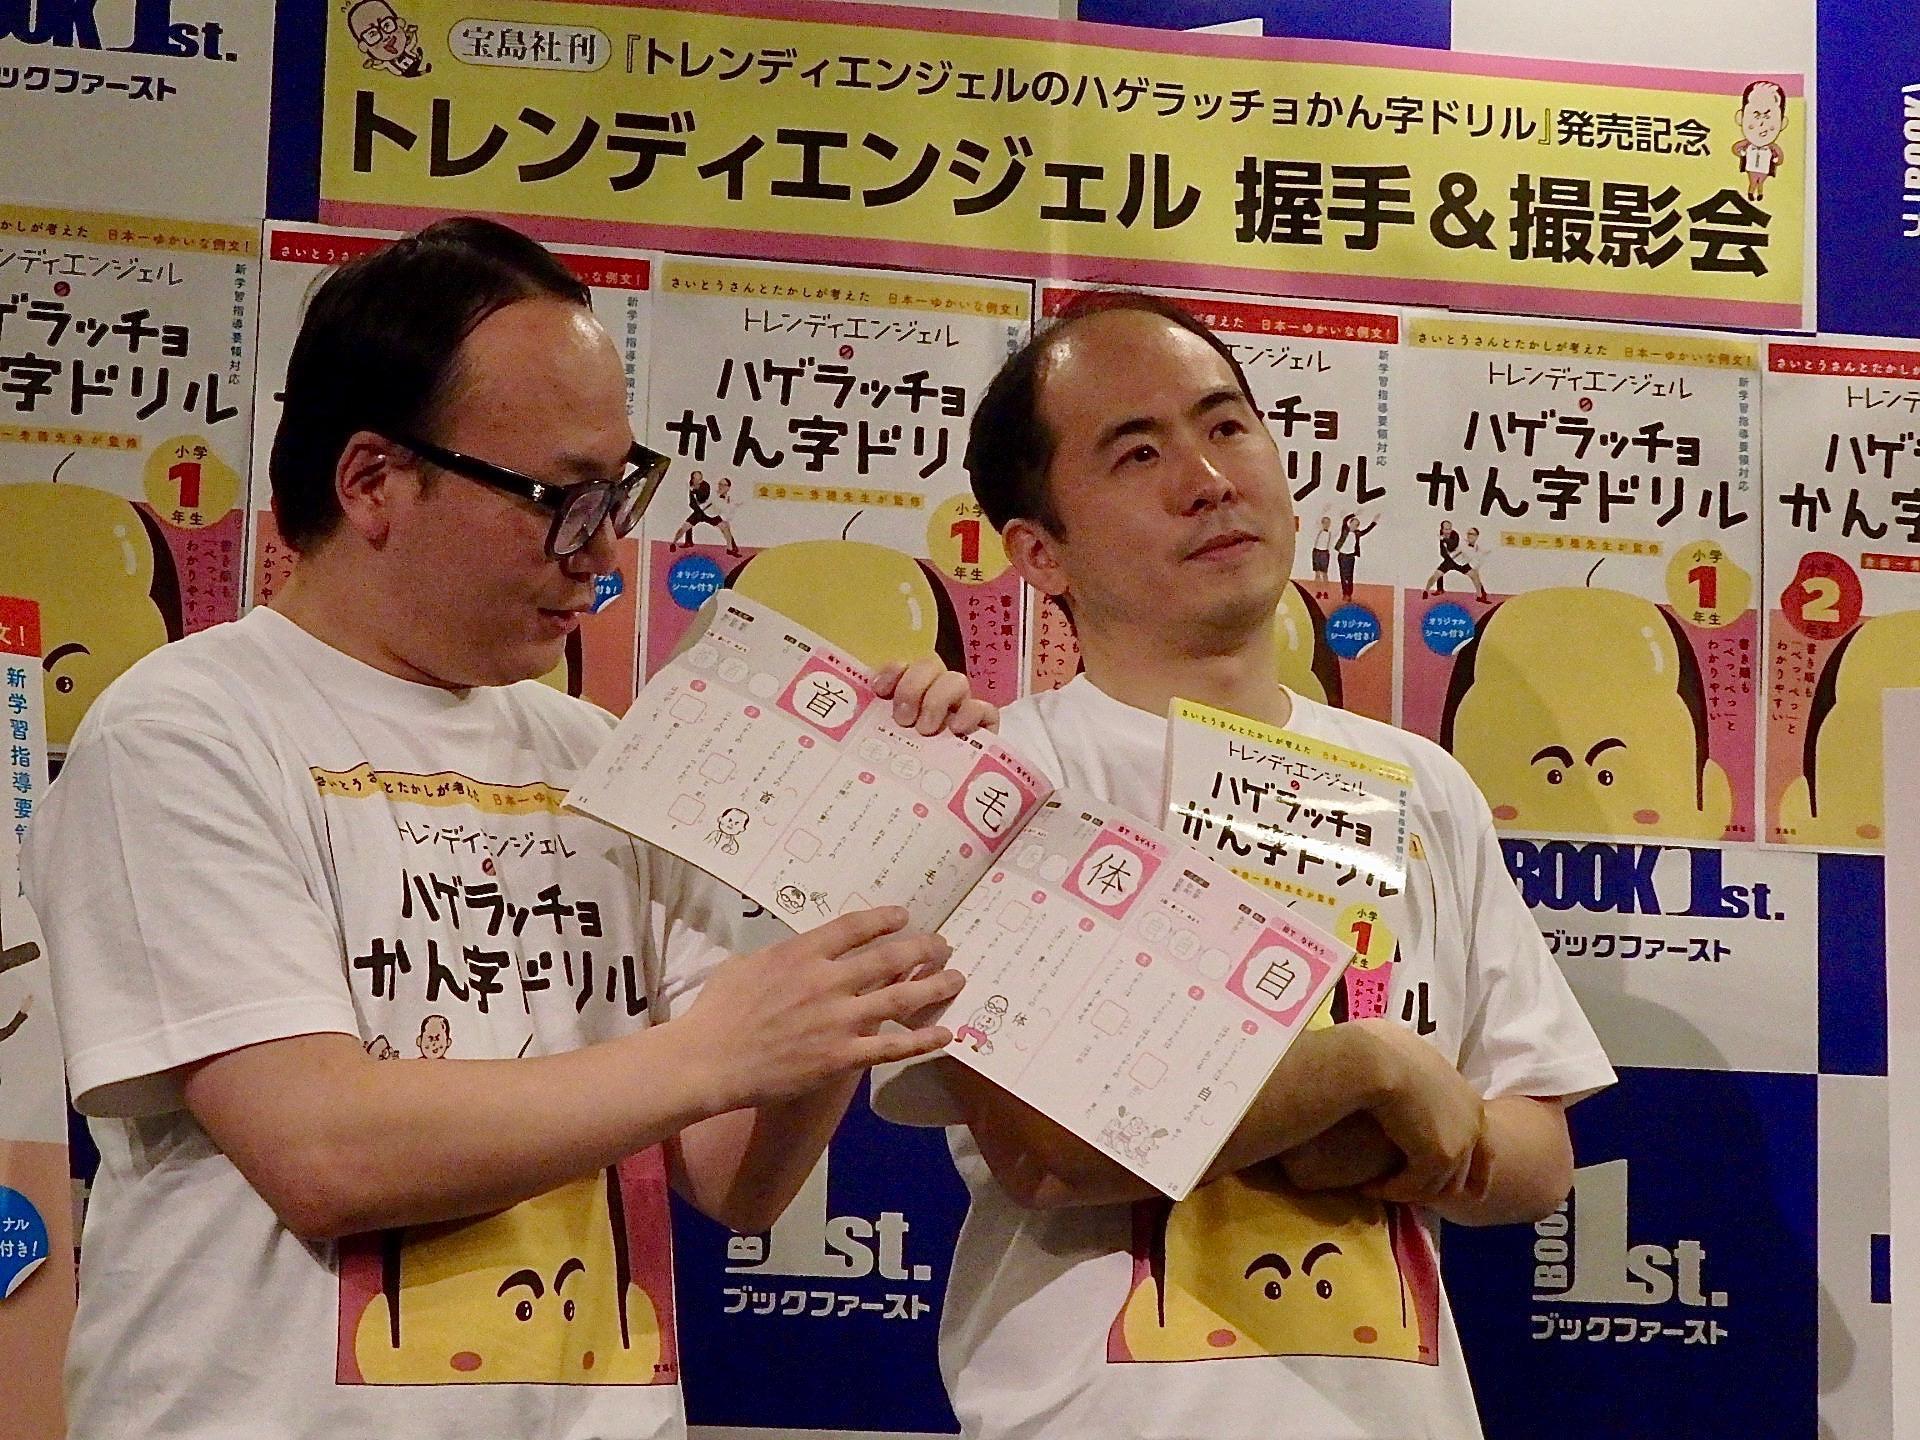 http://news.yoshimoto.co.jp/20180412000241-d73f51d5f6846a1497a4698decd9cbe9912454b1.jpg